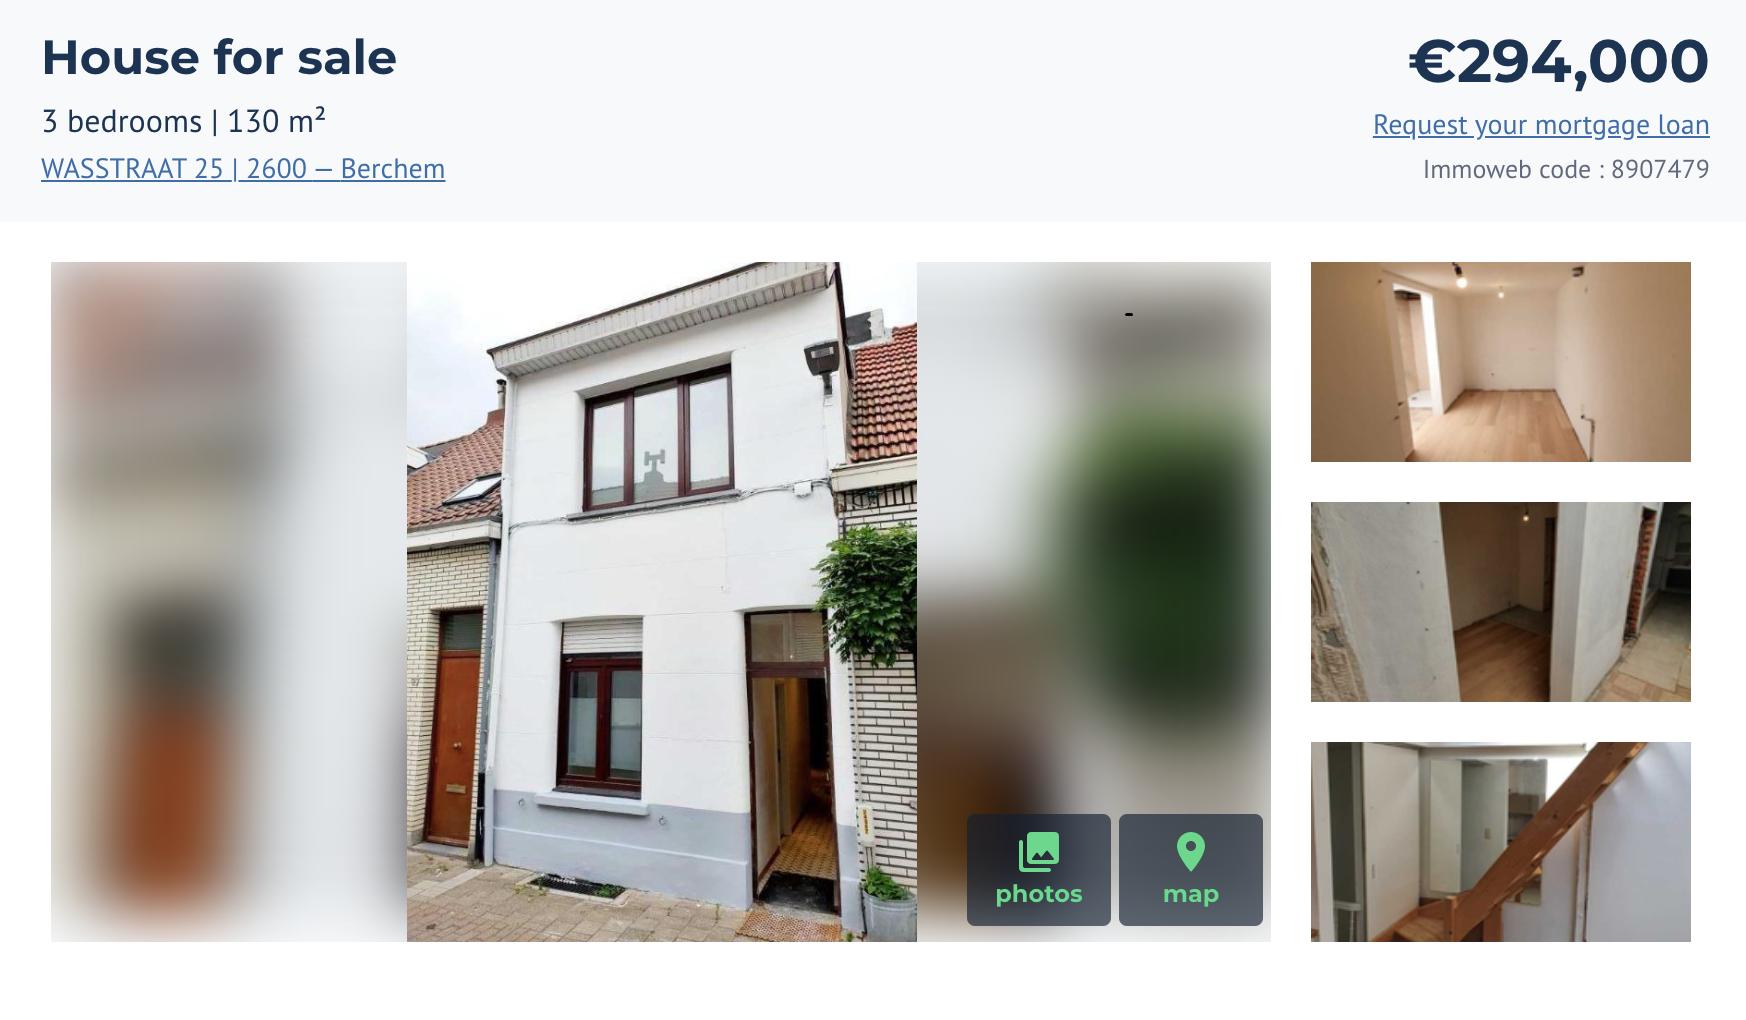 Небольшой дом стремя спальнями игостиной общей площадью 130м² внашем районе Берхем — это южная часть Антверпена. Дом стоит 294000€